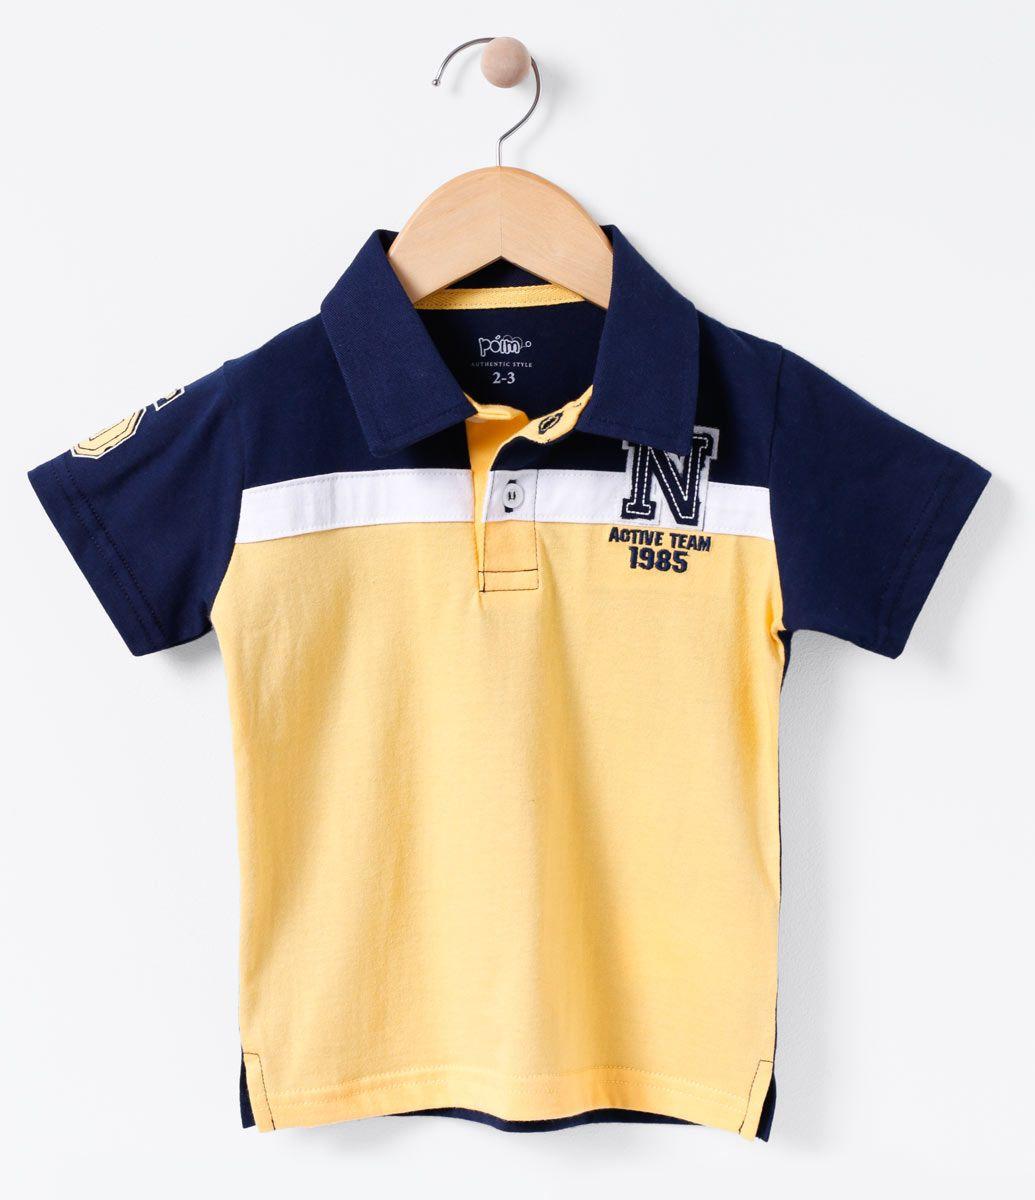 645abf22ed Camiseta infantil Manga curta Gola polo Com recorte Com bordado Marca  Póim  Tecido  meia